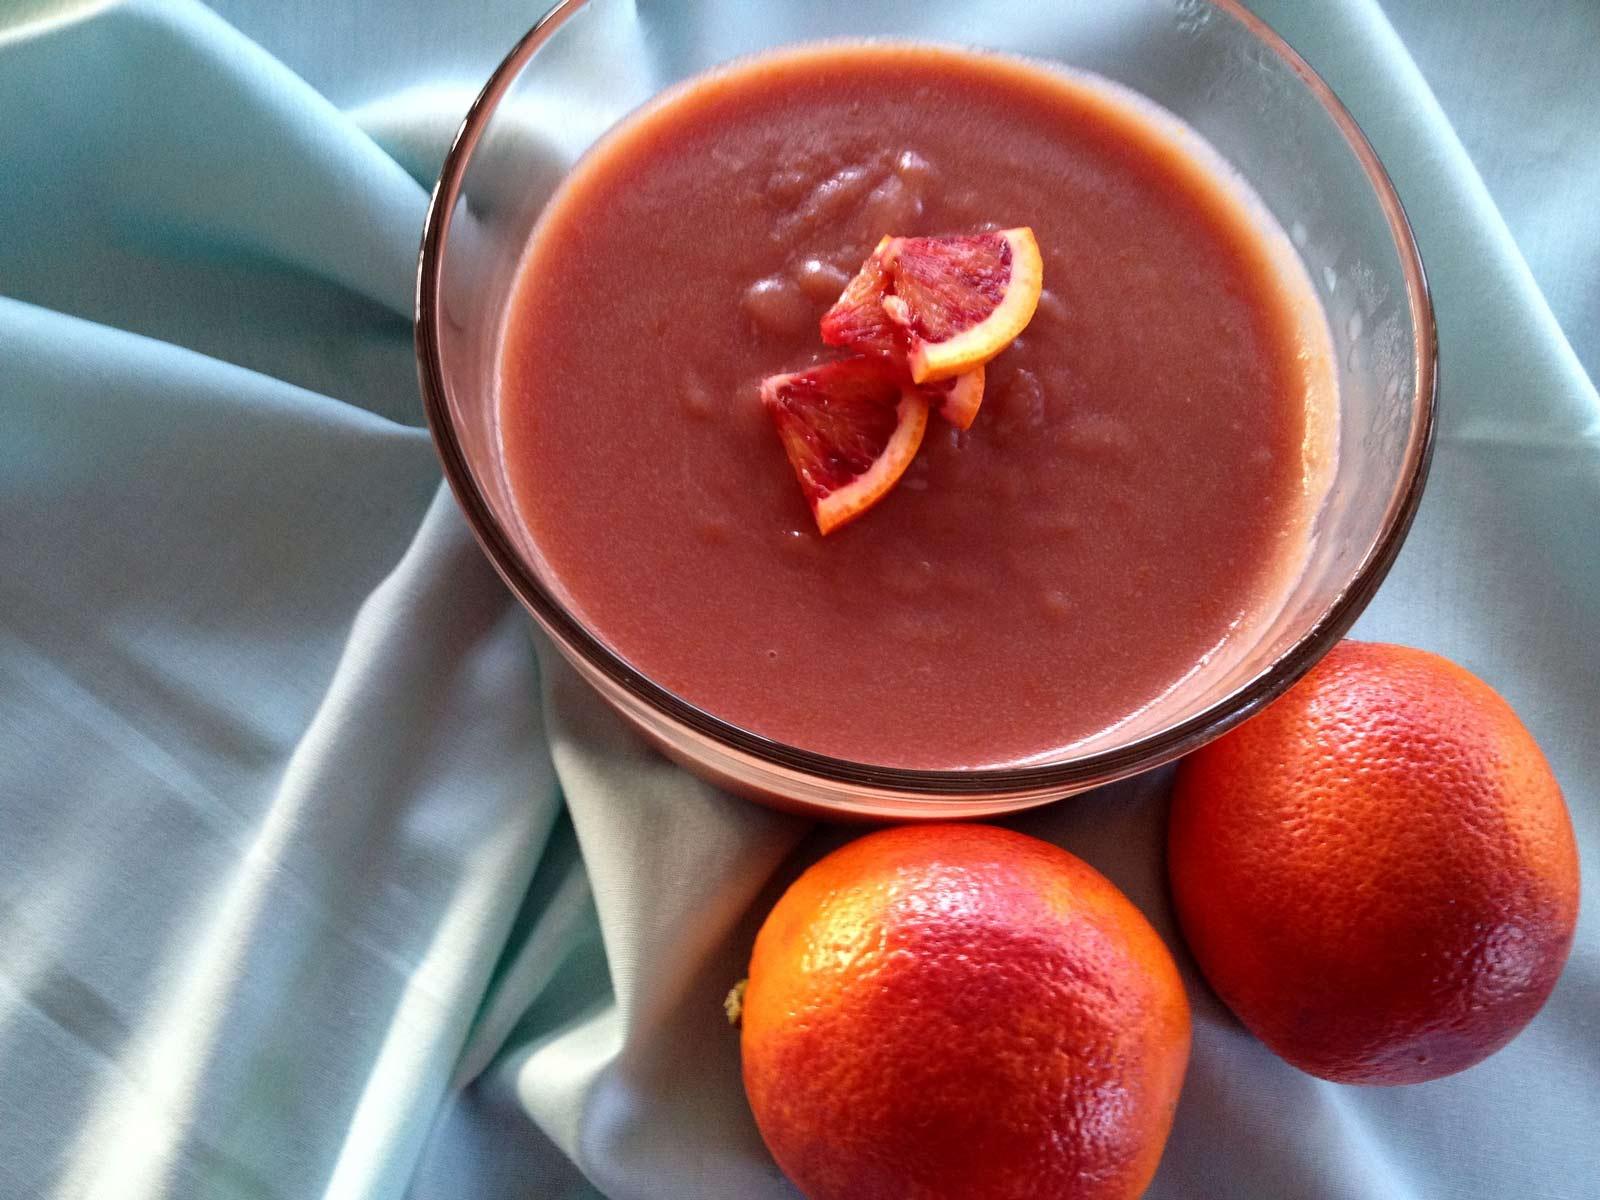 blood orange curd yep you heard me microwave blood orange curd ...